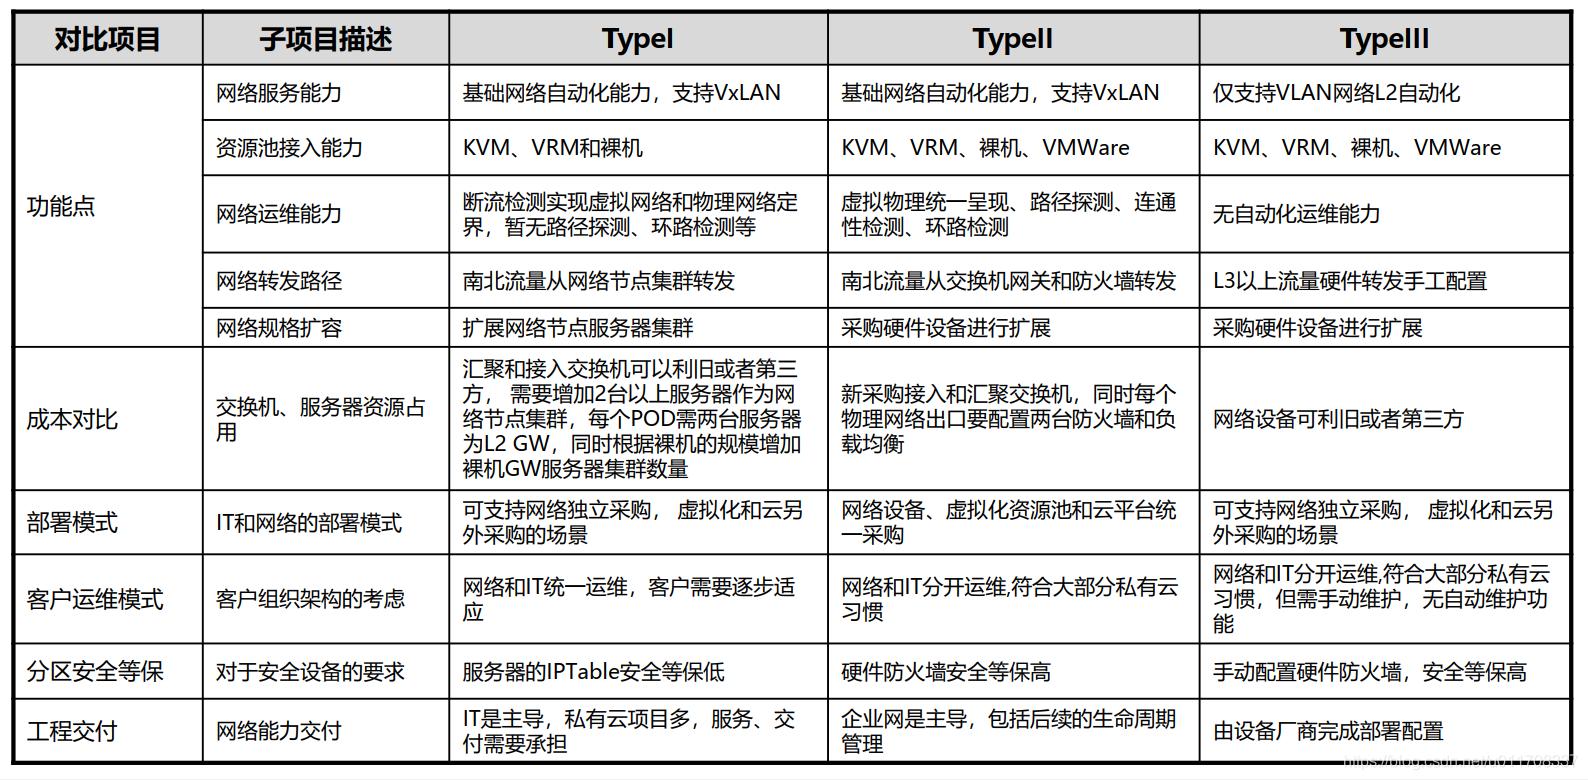 Type I/II/III